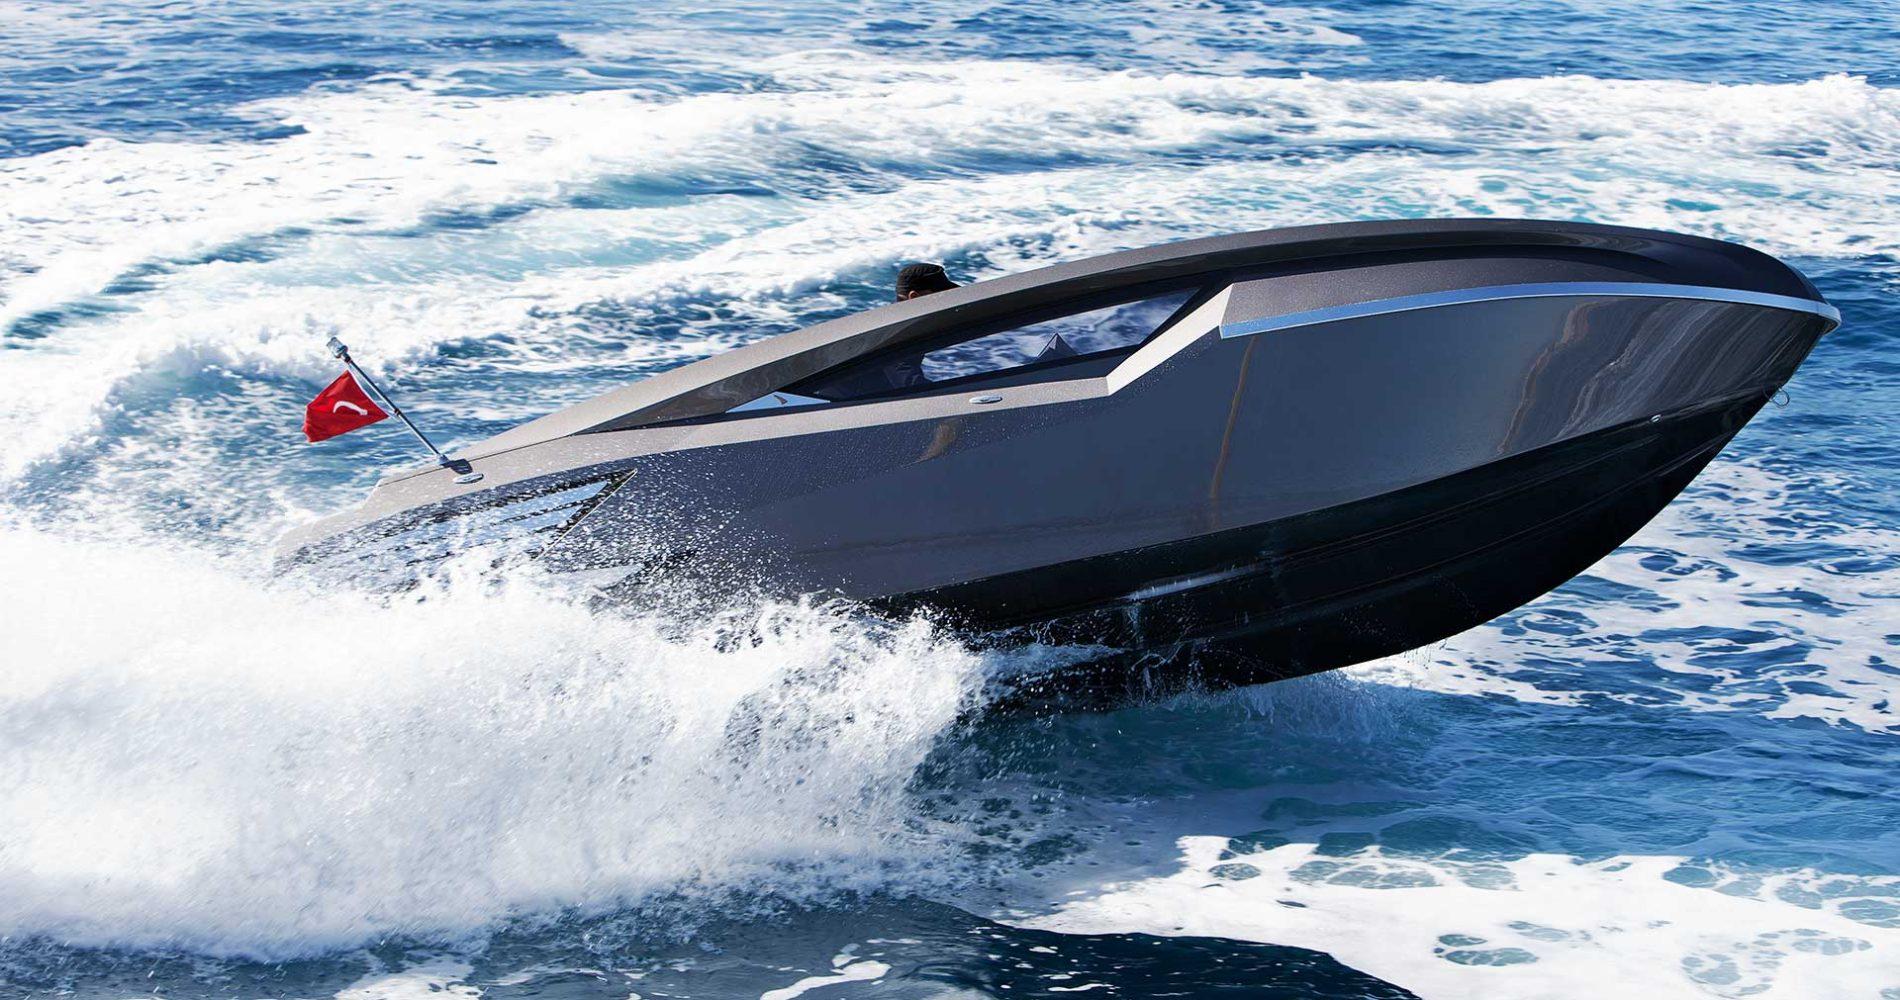 parasailing-boat-yacth